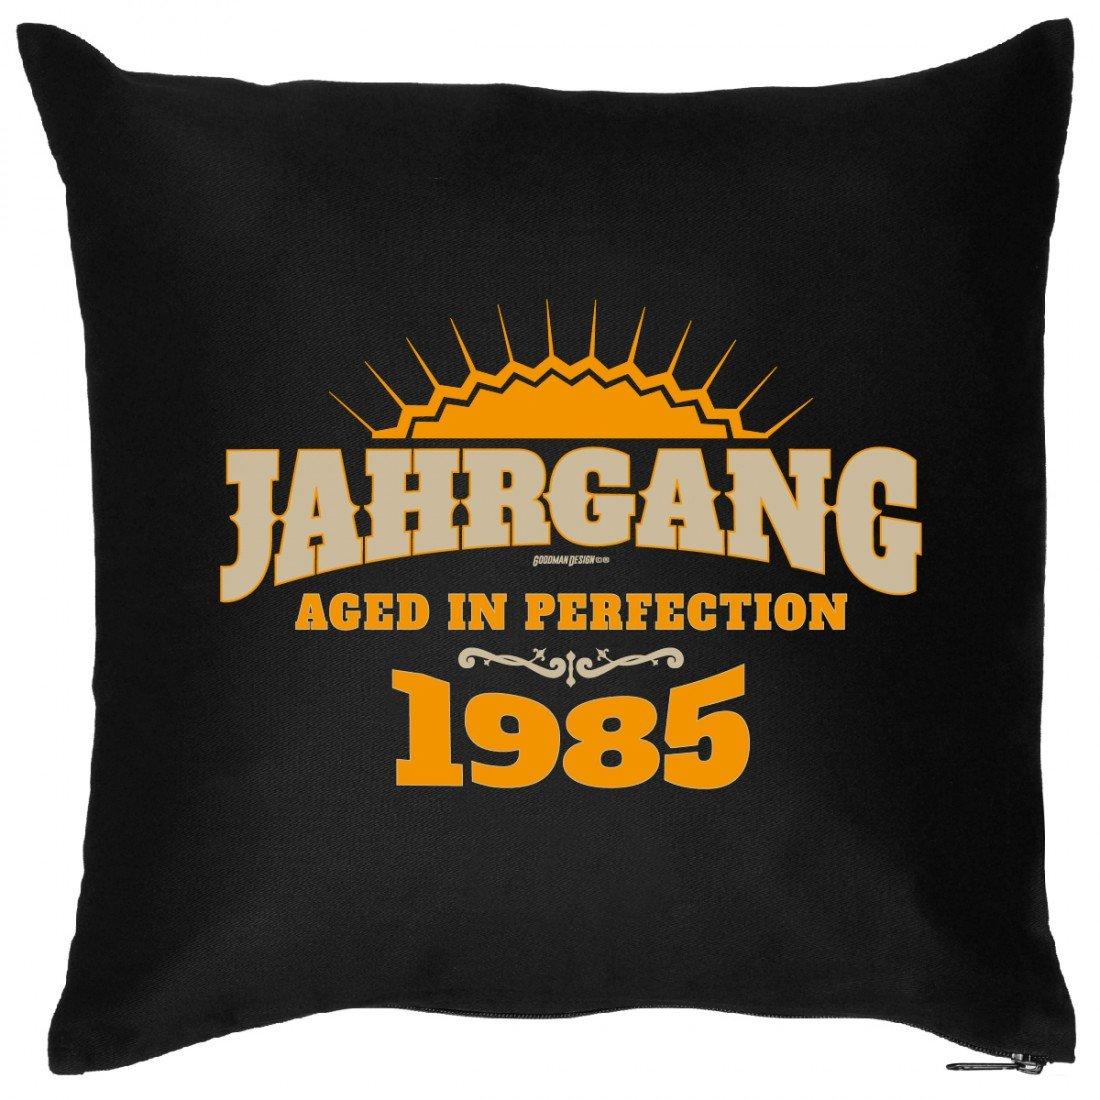 Cooles Couch Kissen zum Geburtstag – Jahrgang – Aged of Perfection 1985 – Sofakissen Wendekissen mit Spruch und Humor günstig kaufen